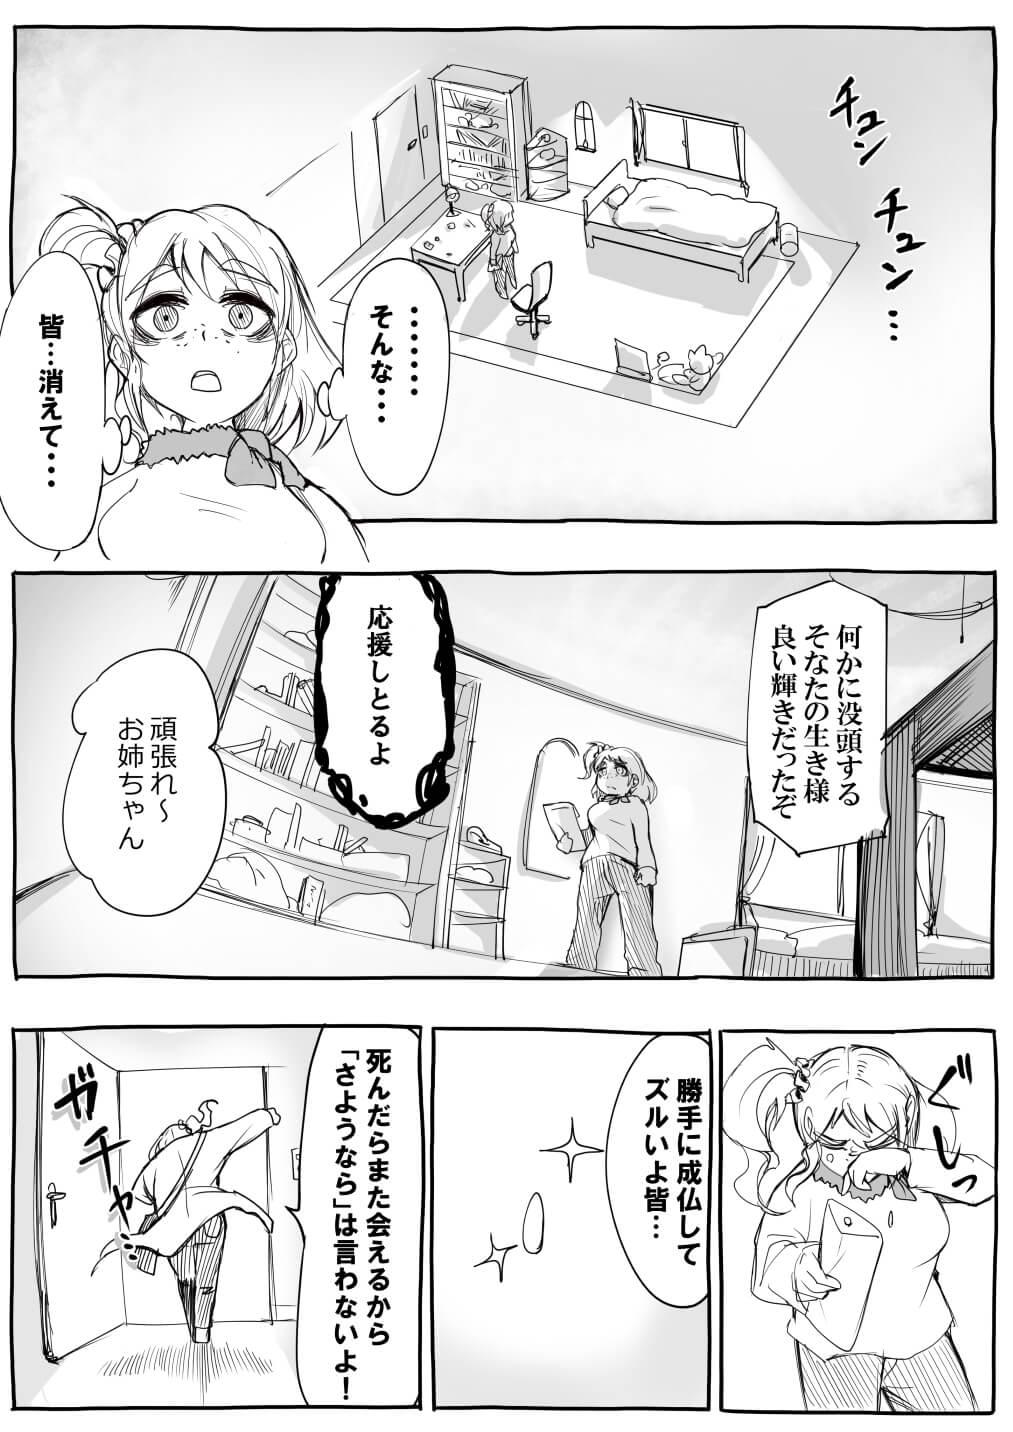 〆切り前夜の漫画家さん2-3